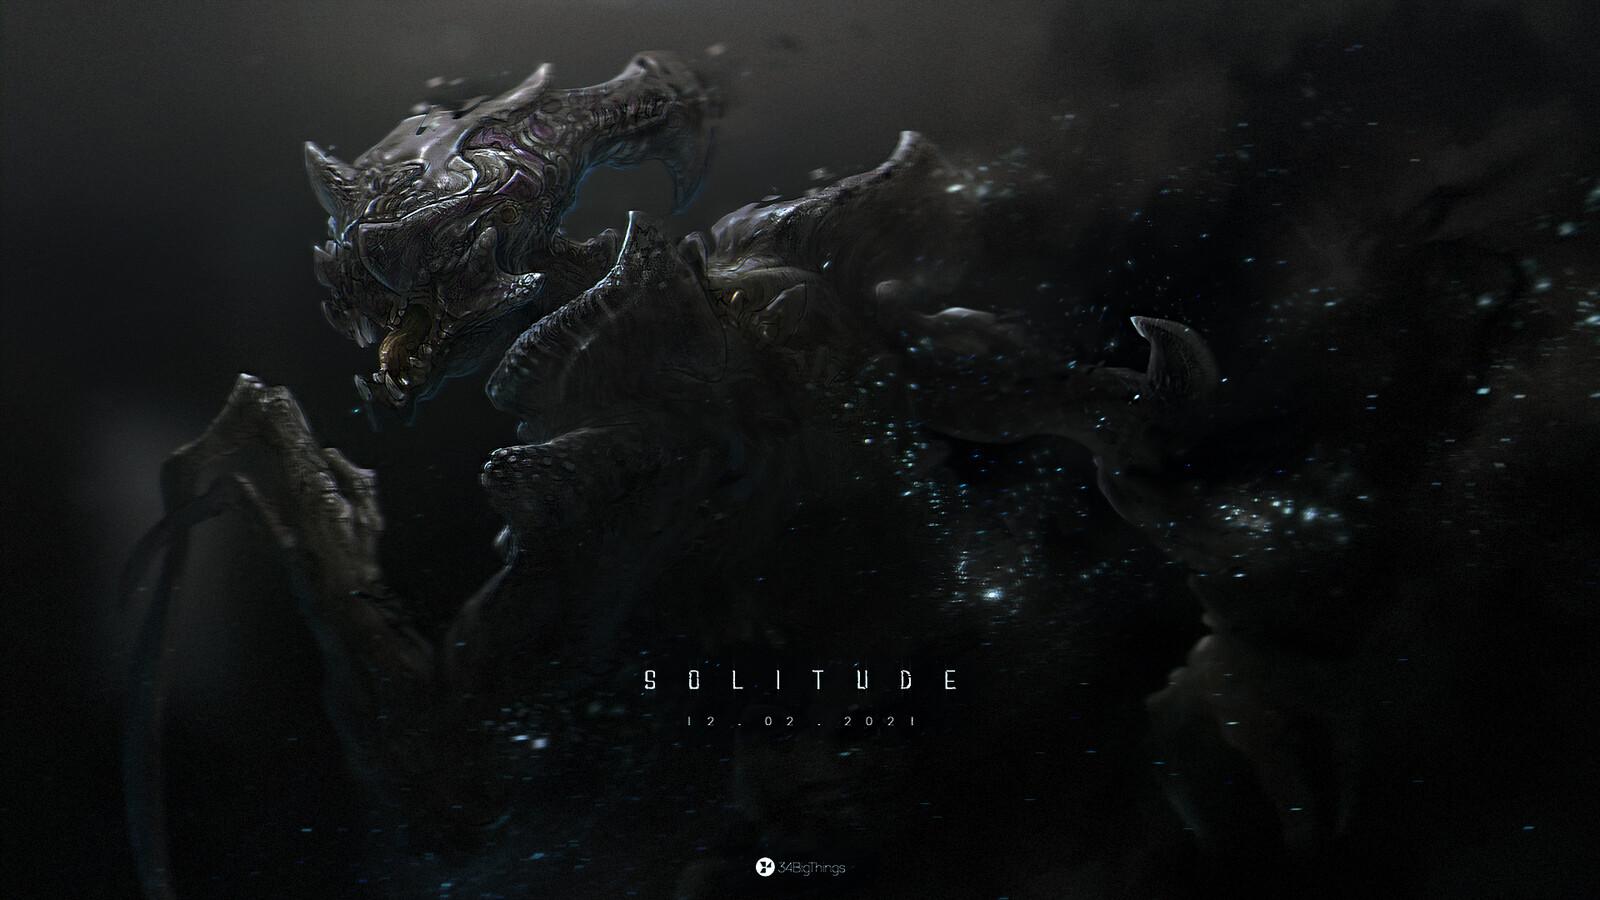 SOLITUDE - 007